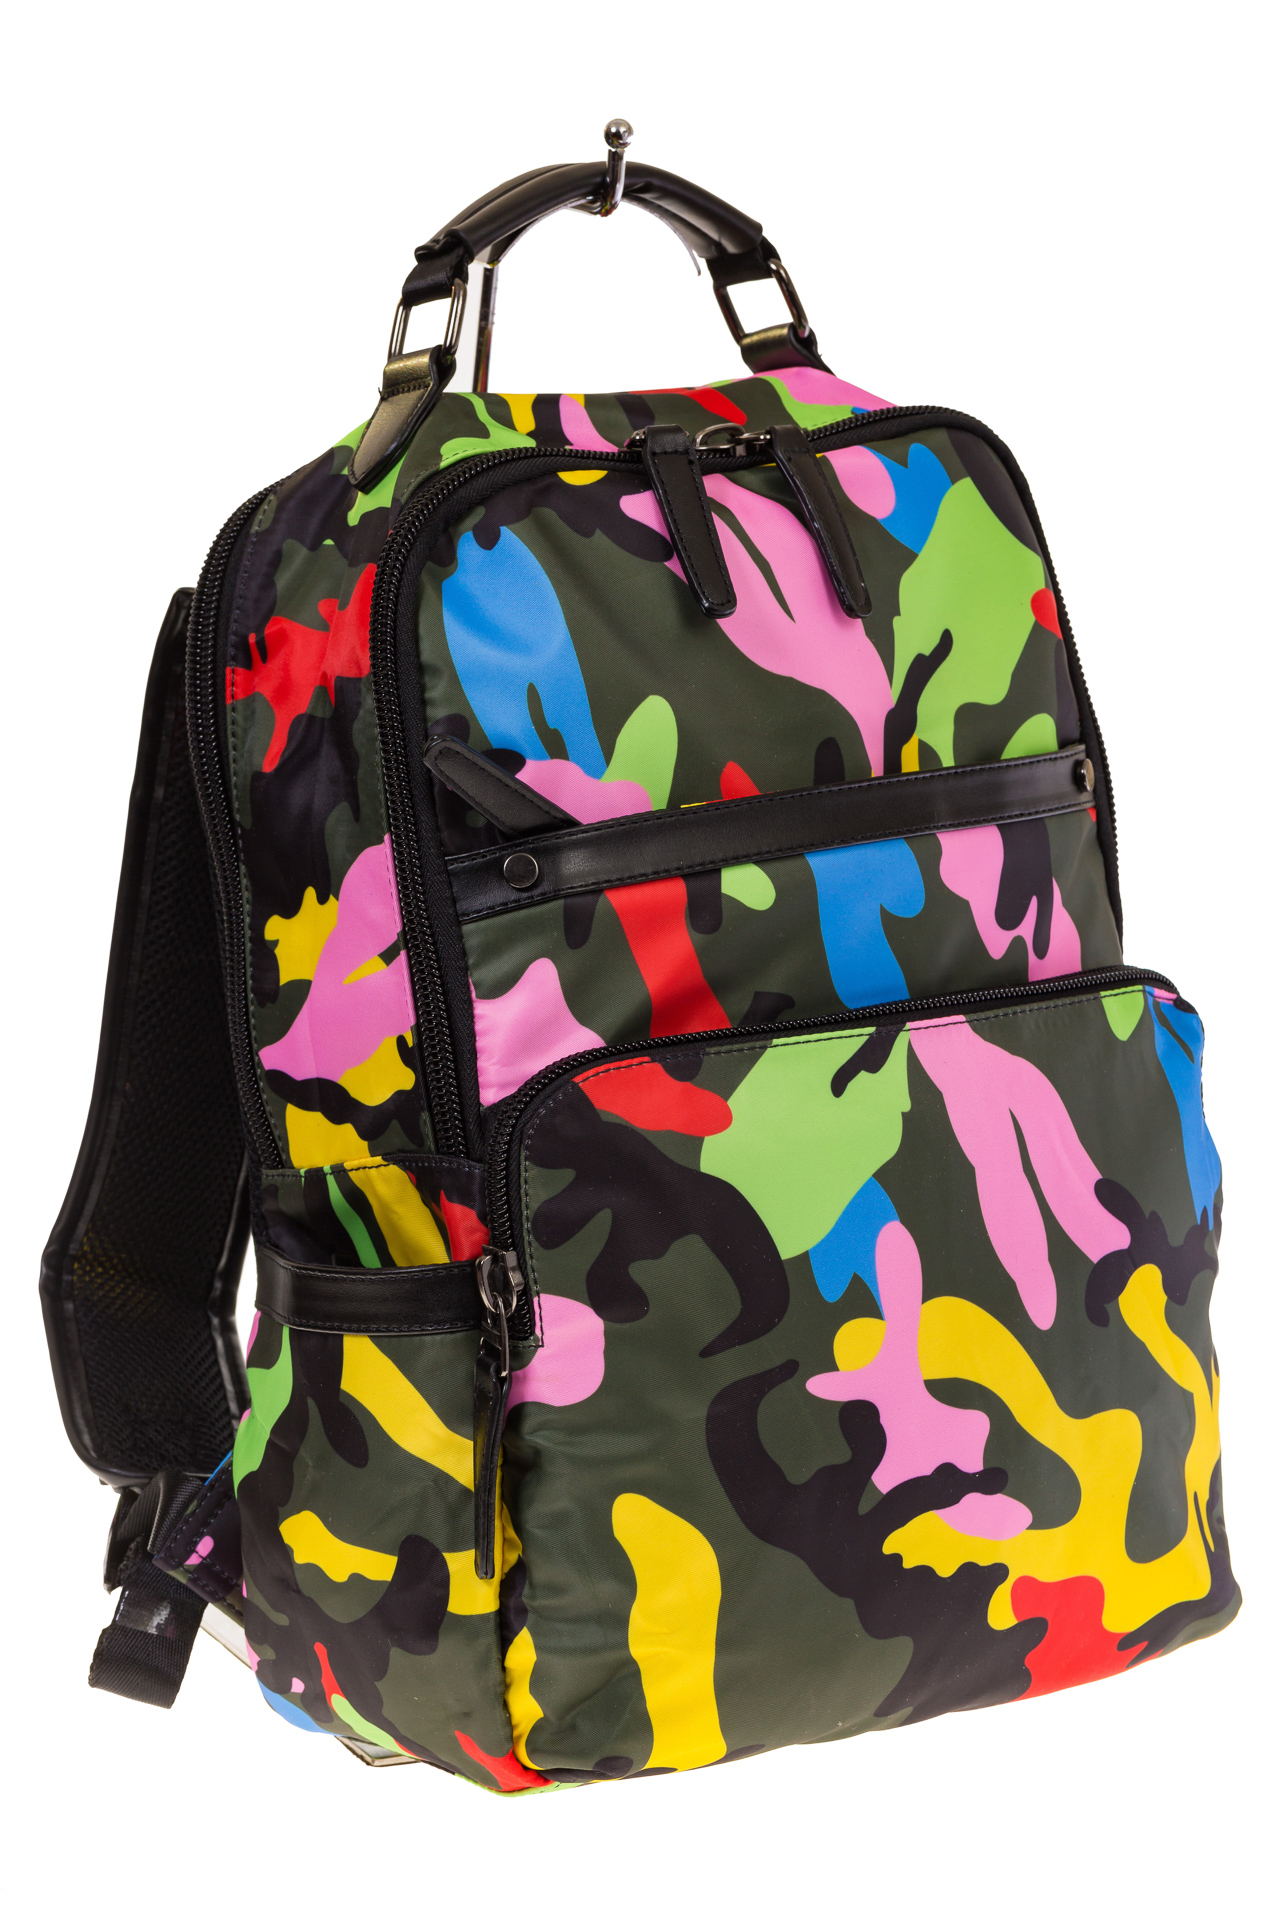 Купить оптом рюкзак из текстиля спортивного стиля, фото